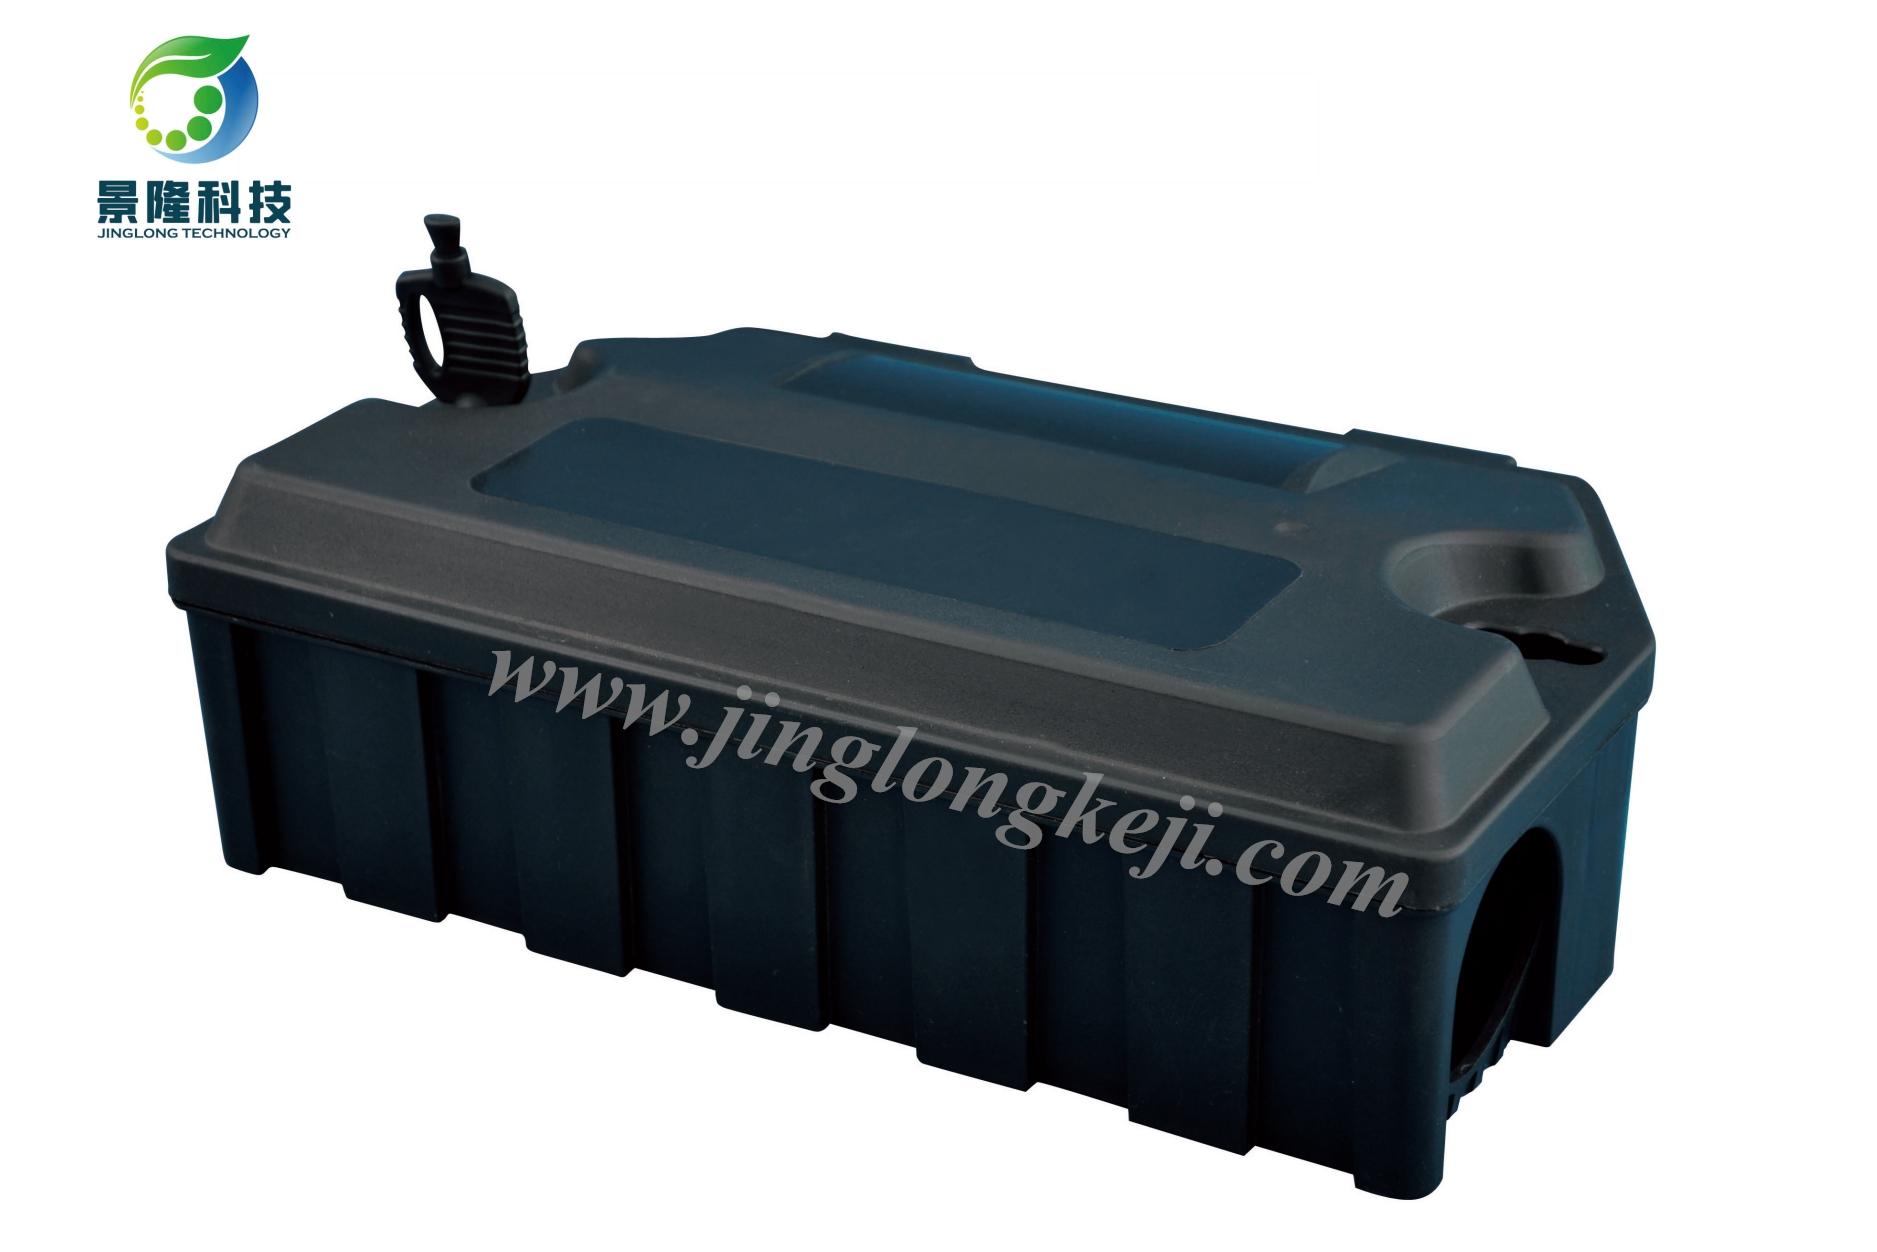 景隆JL-4002大号鼠饵站 多功能毒鼠盒 消杀公司鼠药盒